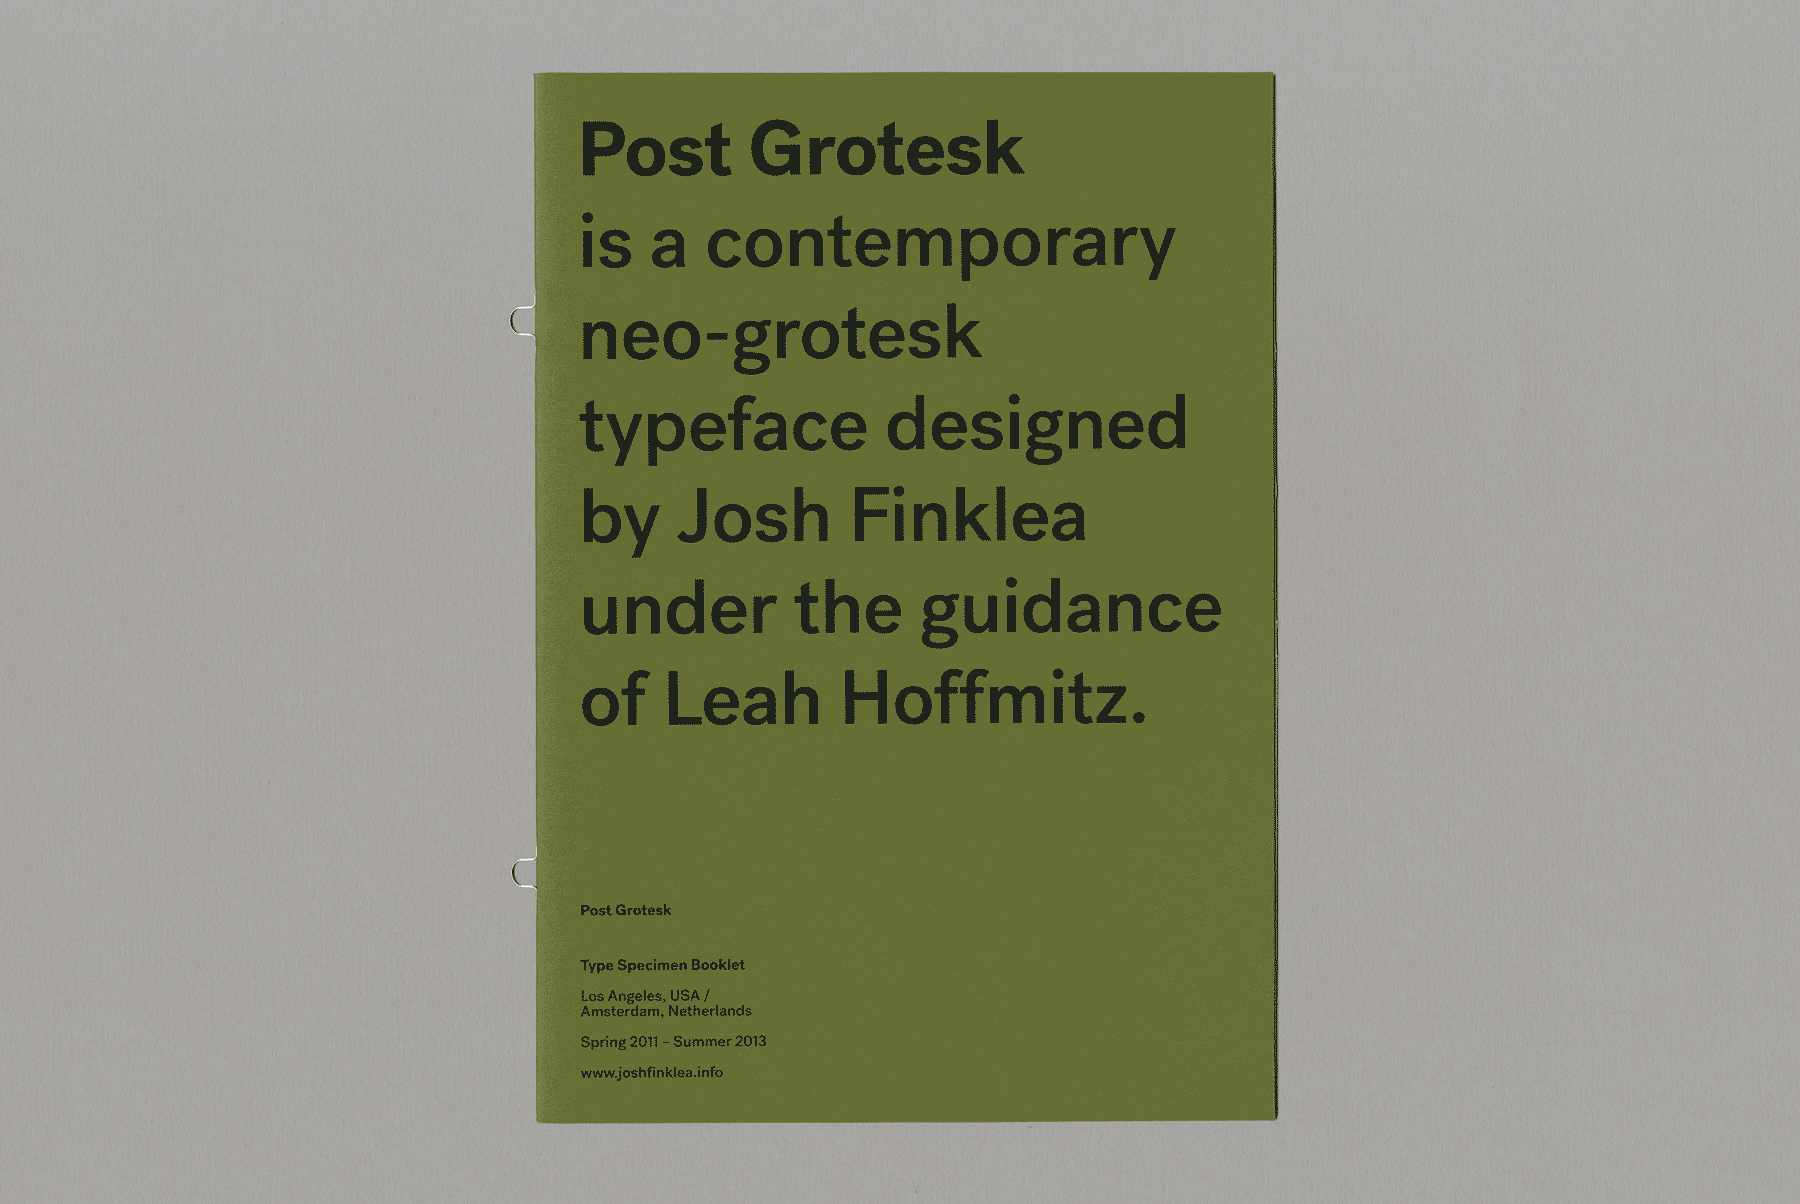 Post Grotesk Print Specimen